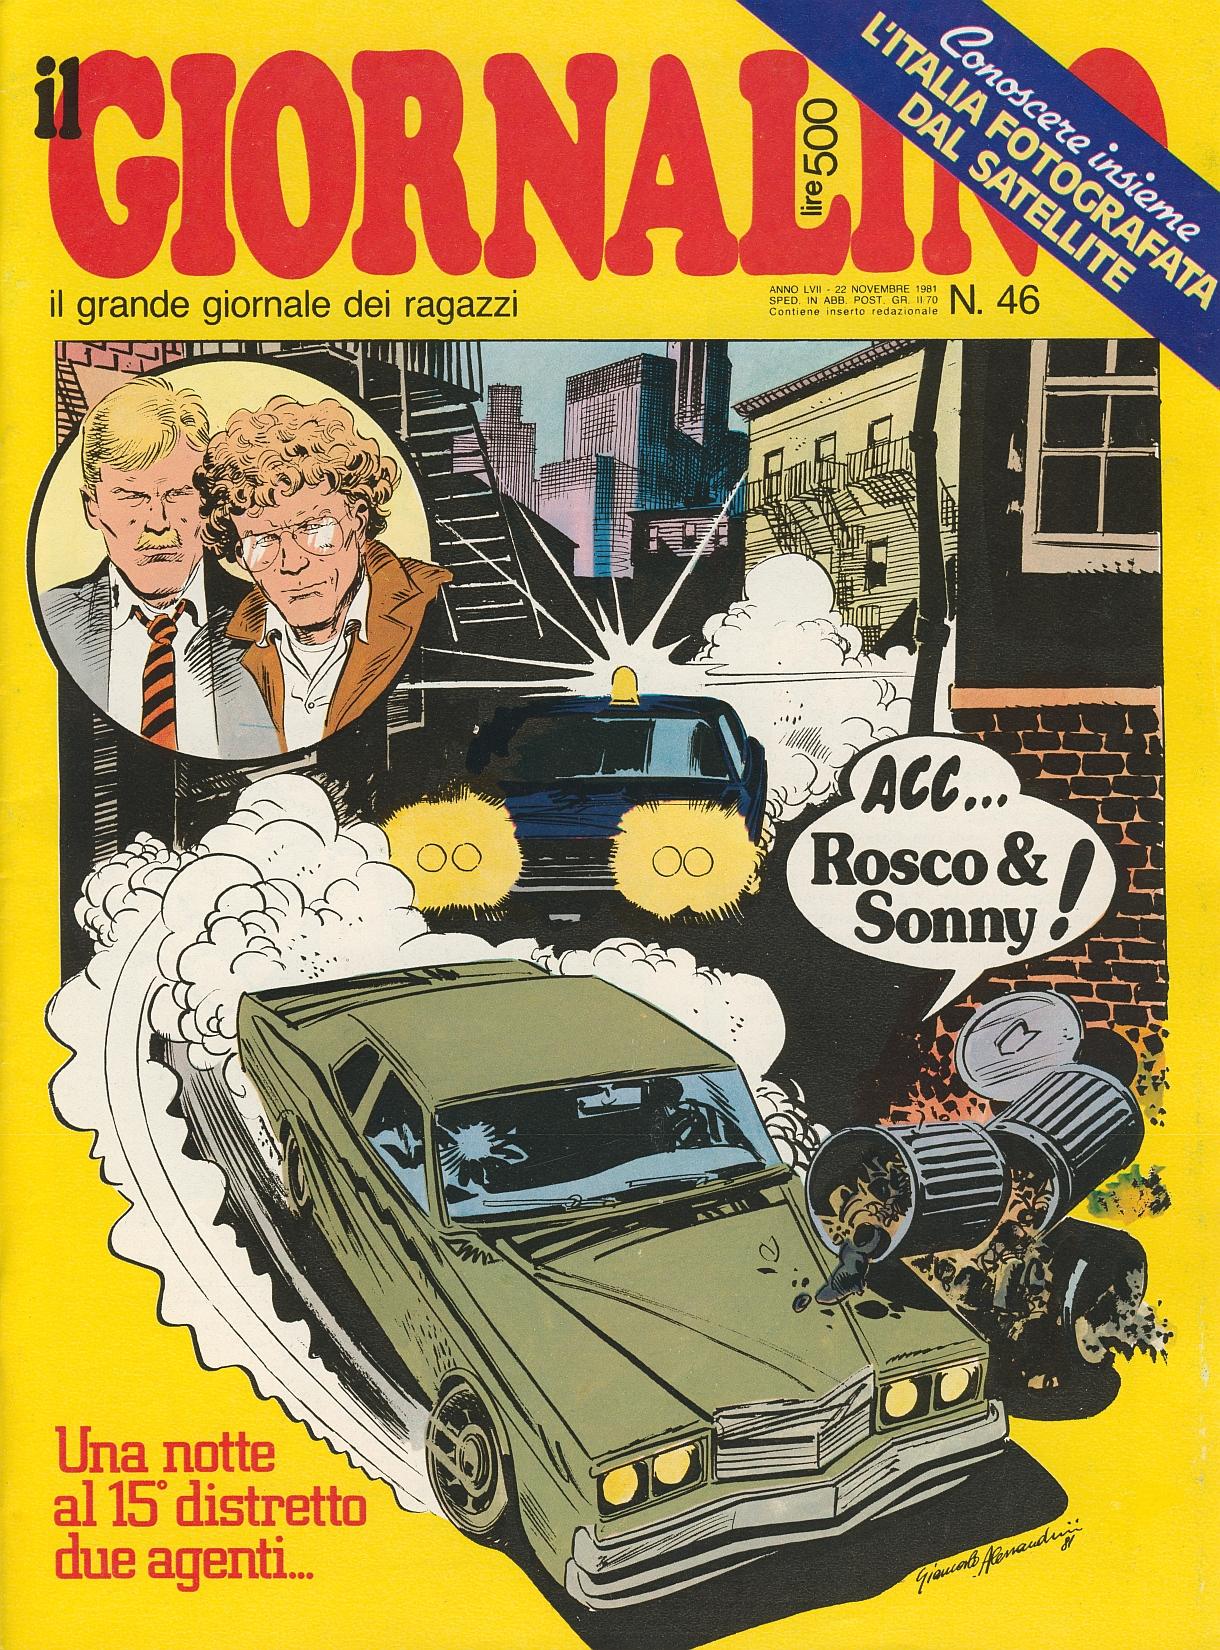 Copertina de Il giornalino con in copertina Rosco e Sonny